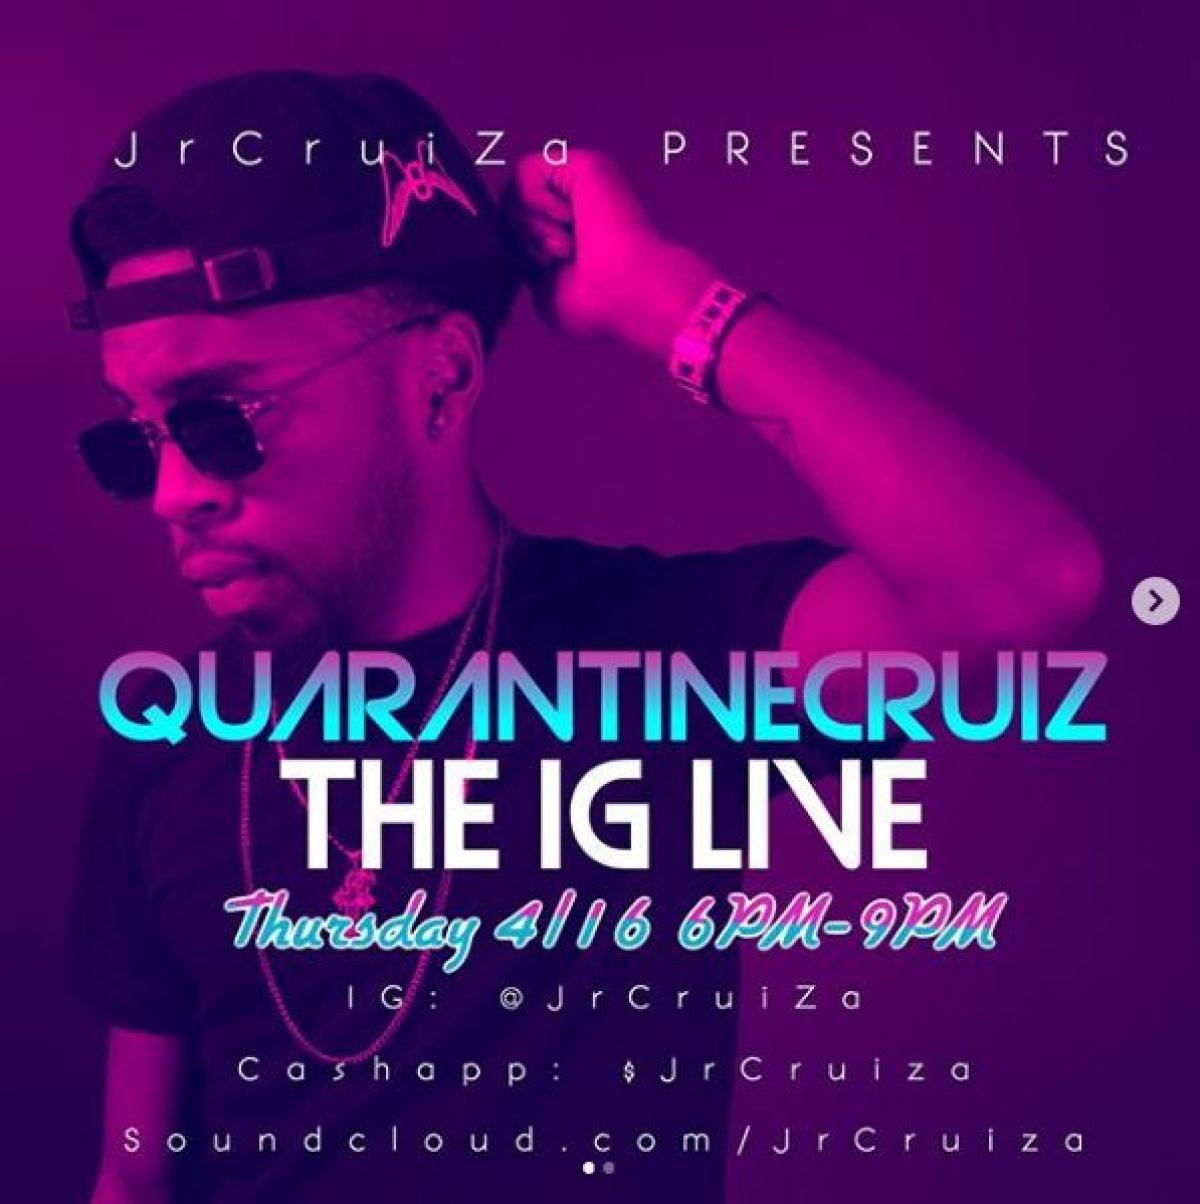 Quarantine CruiZ flyer or graphic.